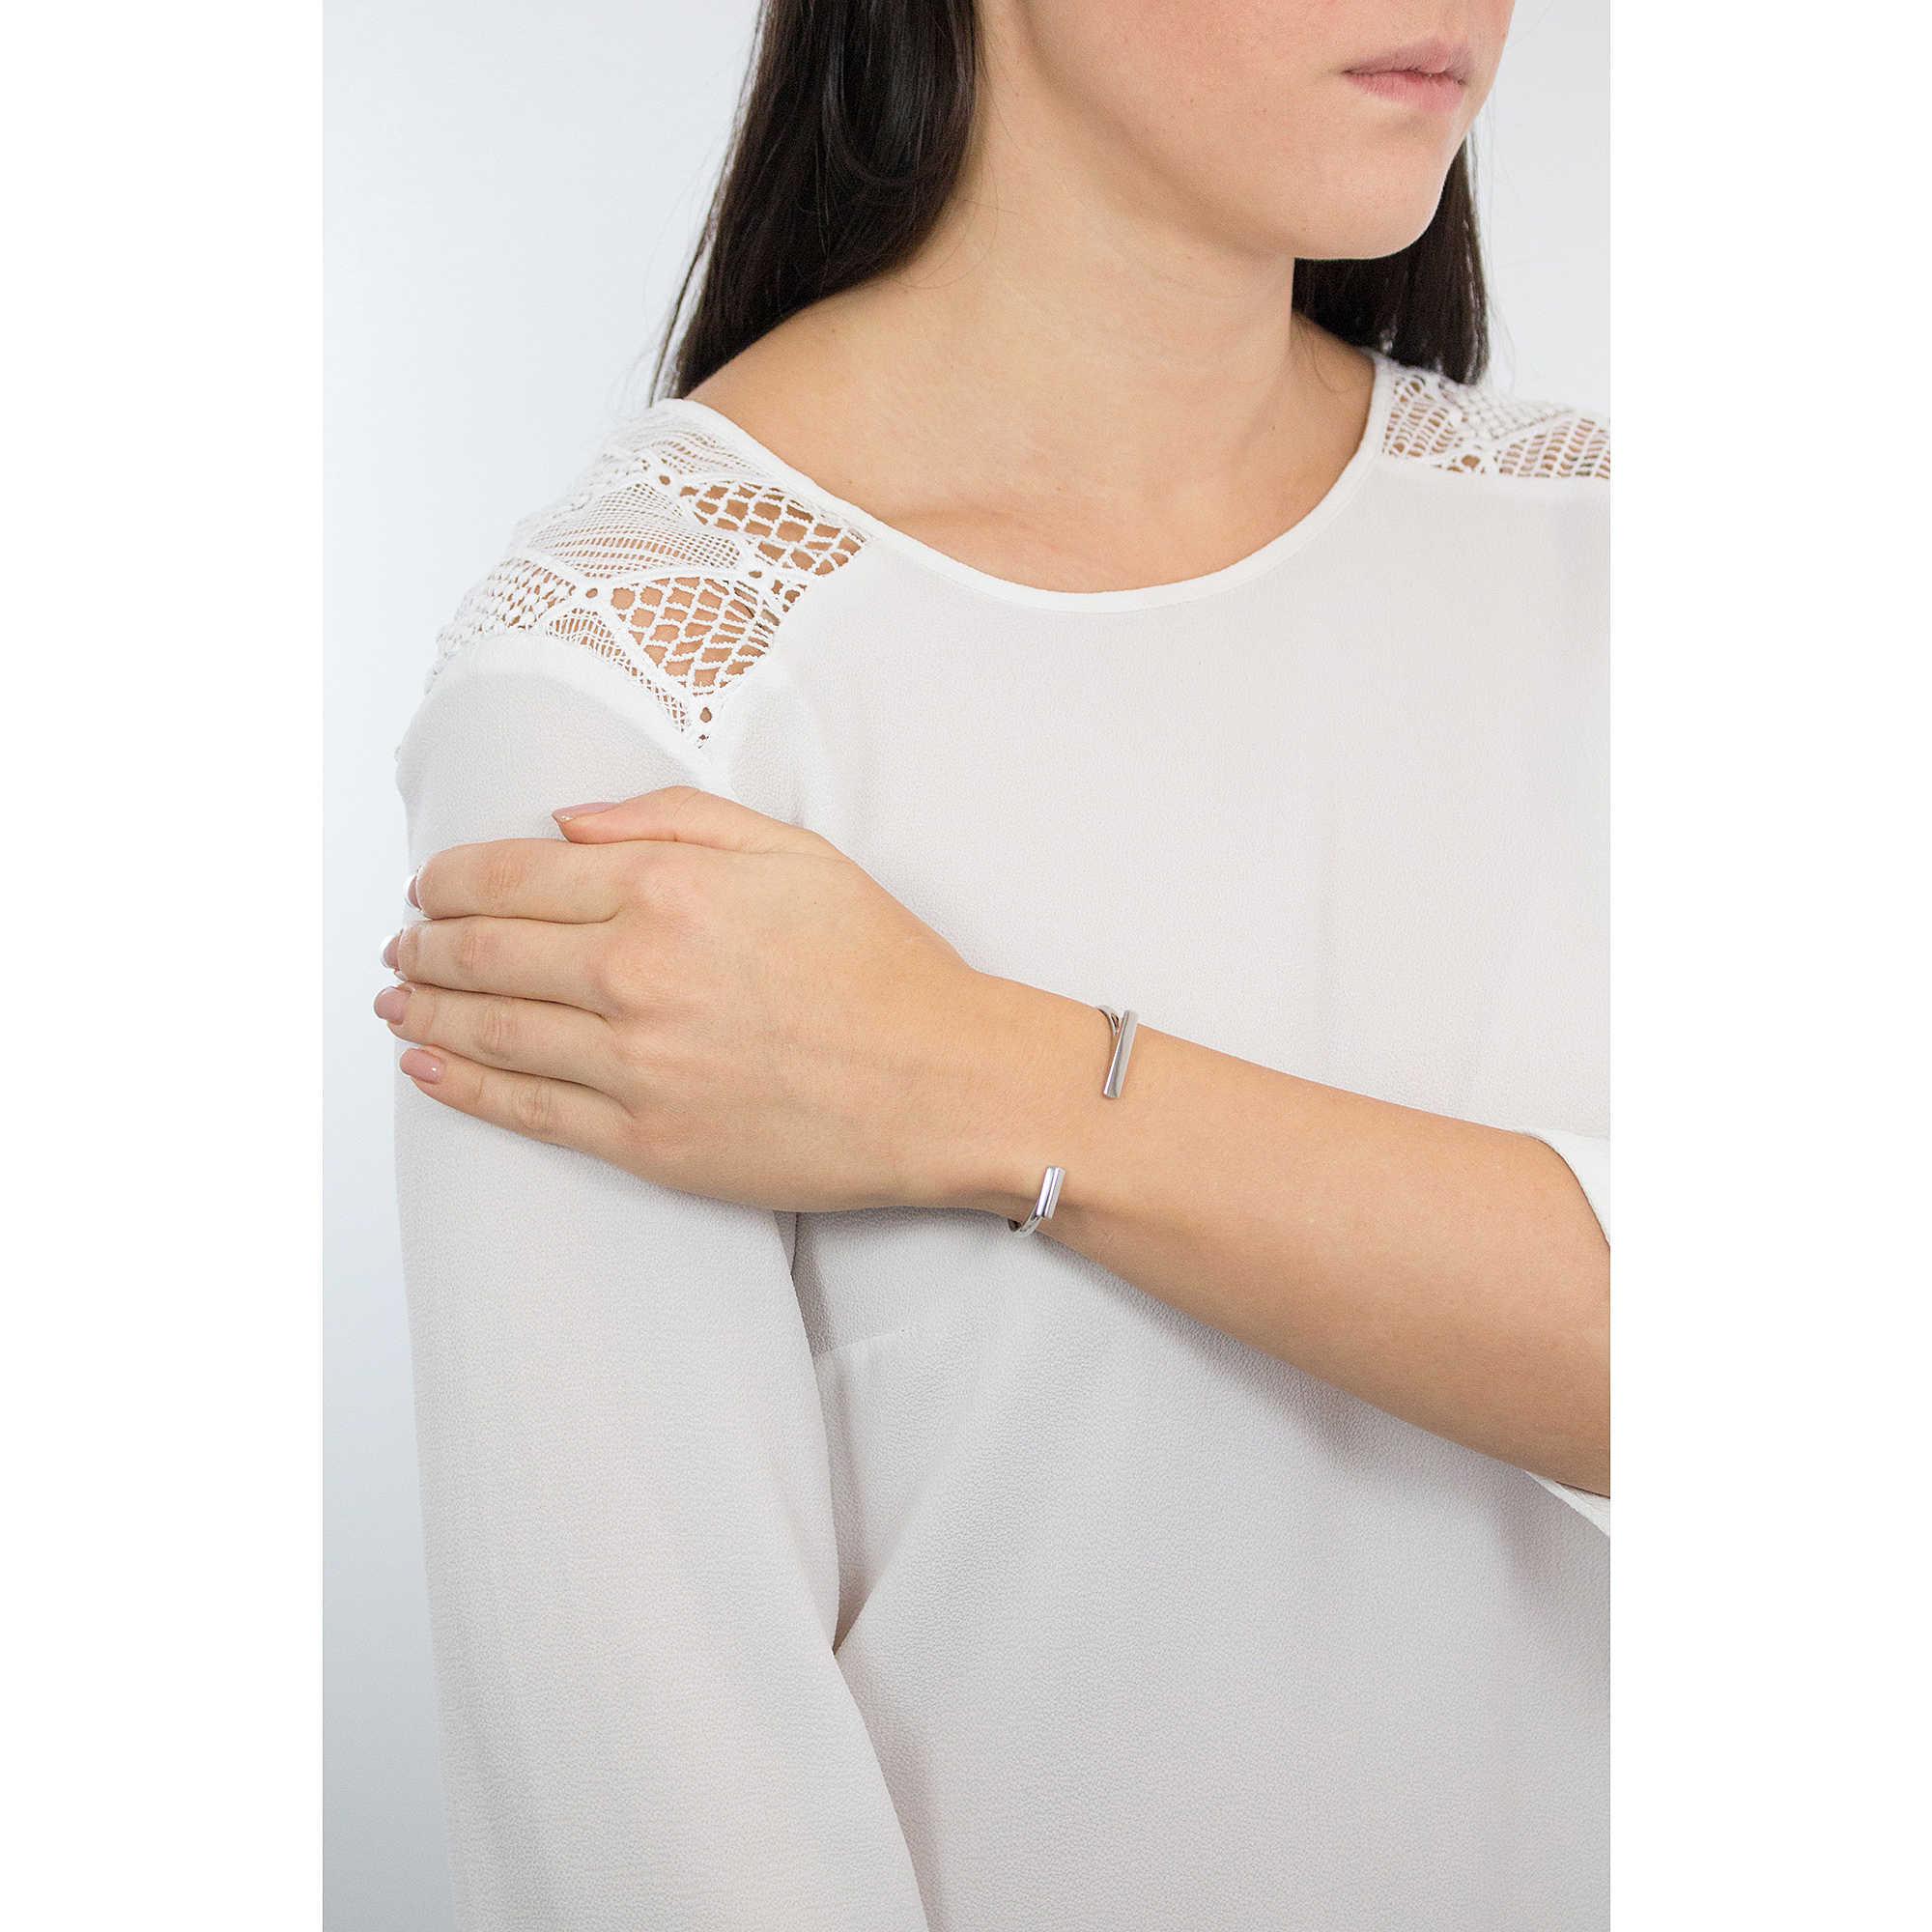 miglior servizio 8d488 bc495 088997e bracciale donna gioielli breil sticks trendy cod ...